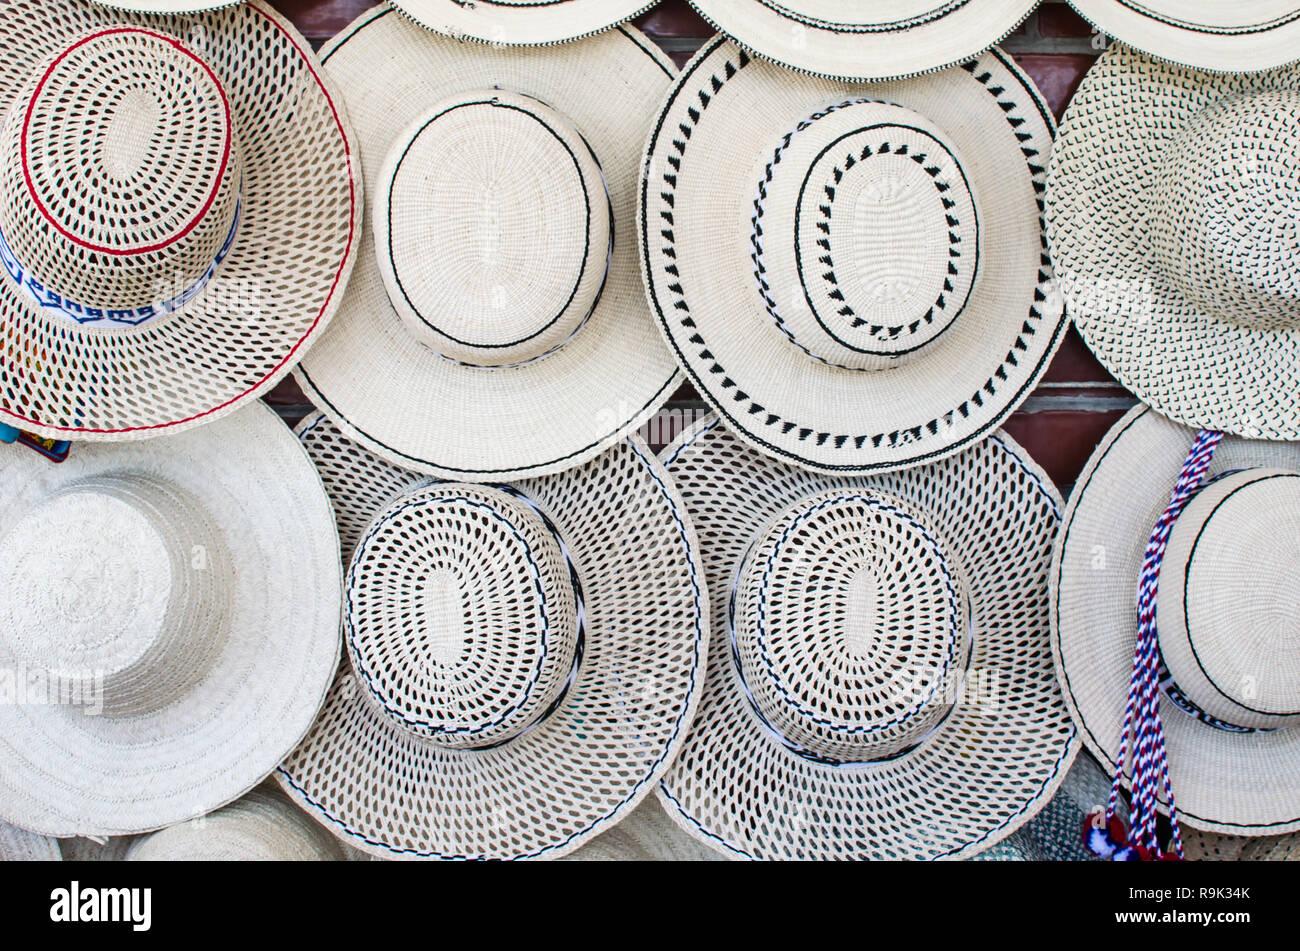 a4ca23f35414f Sombreros de Panamá para la venta. Hay una gran variedad de tradicionales  sombreros de Panamá